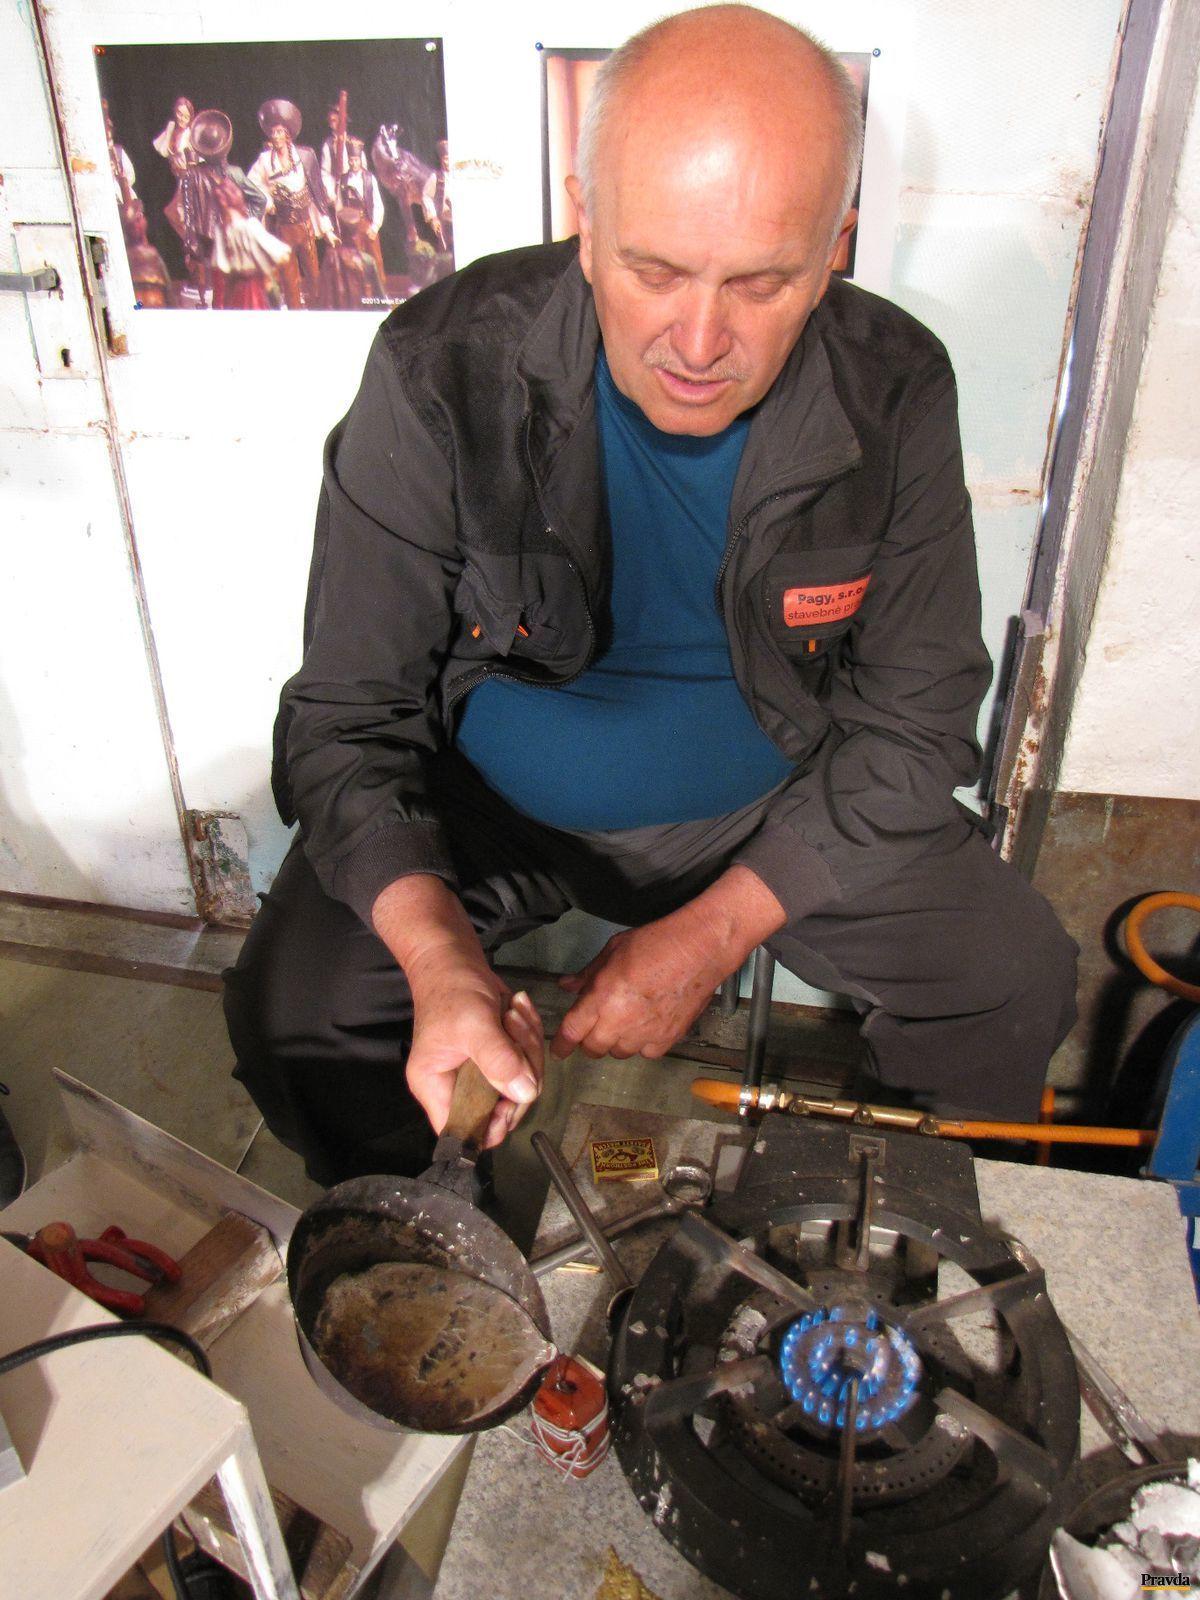 Úspešnému Bystričanovi ide výroba cínových šachových figúrok od ruky, začínal však systémom pokus - omyl.